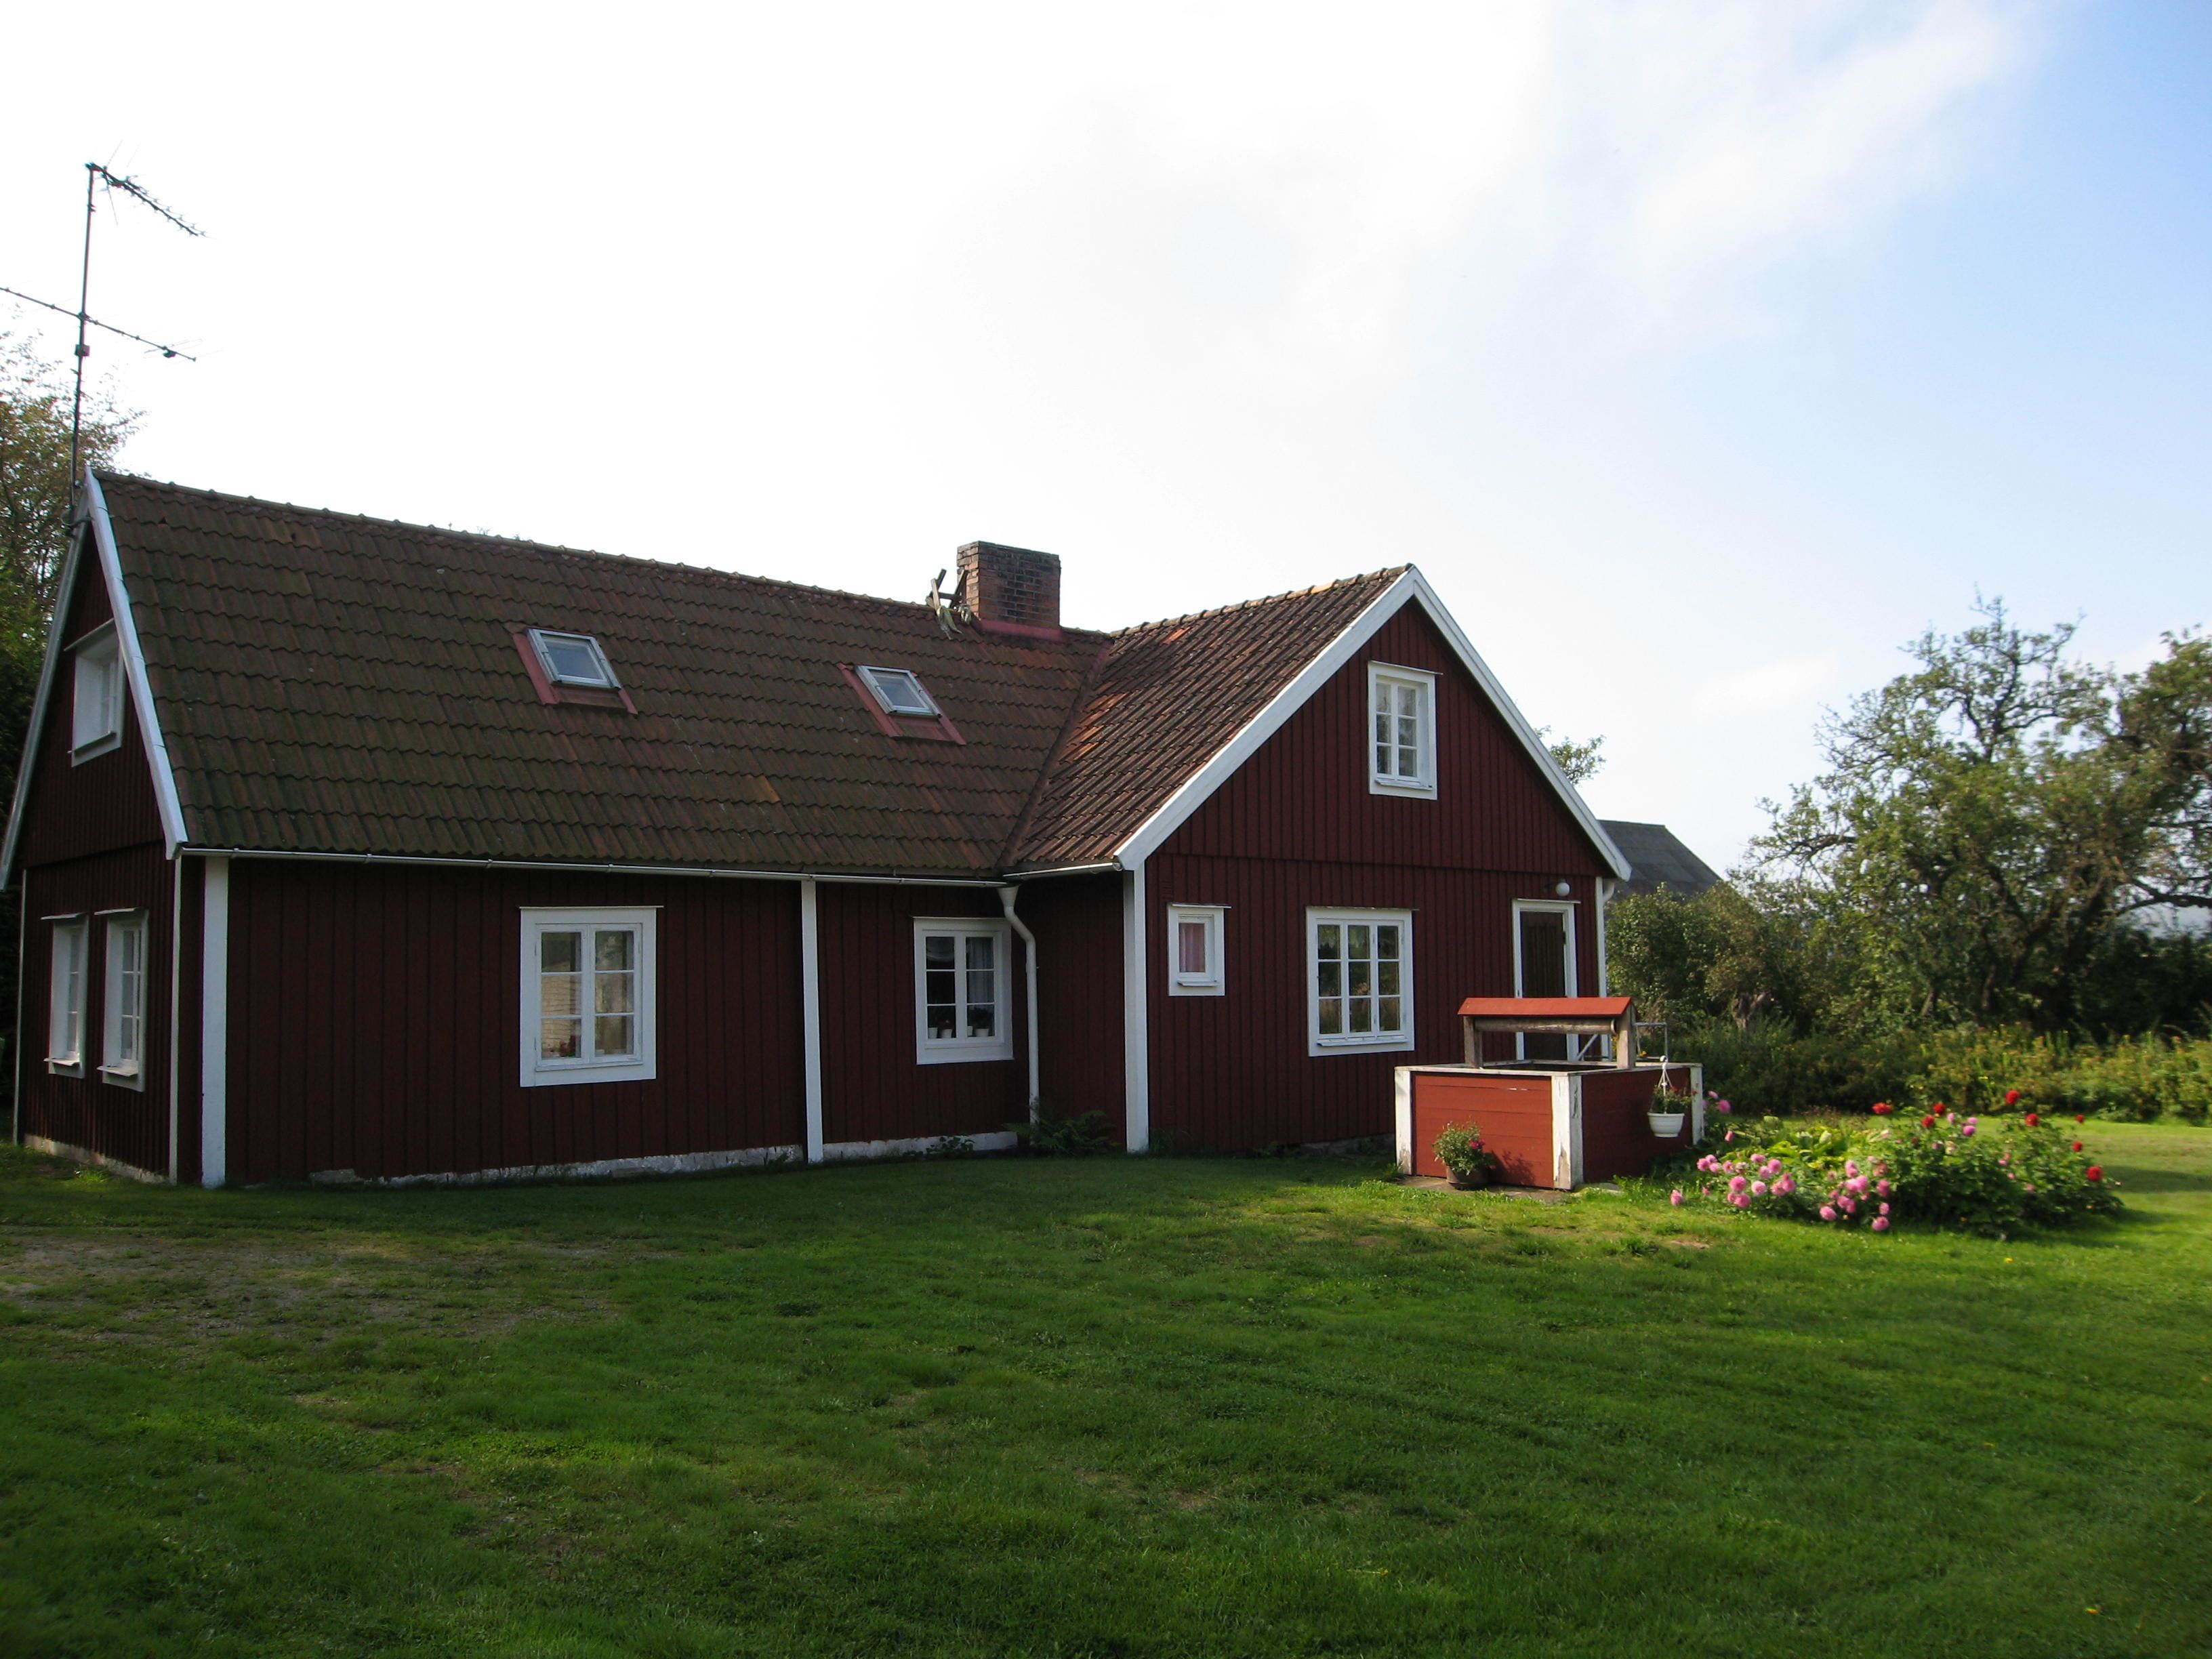 SK6001 Näsum, Bromölla